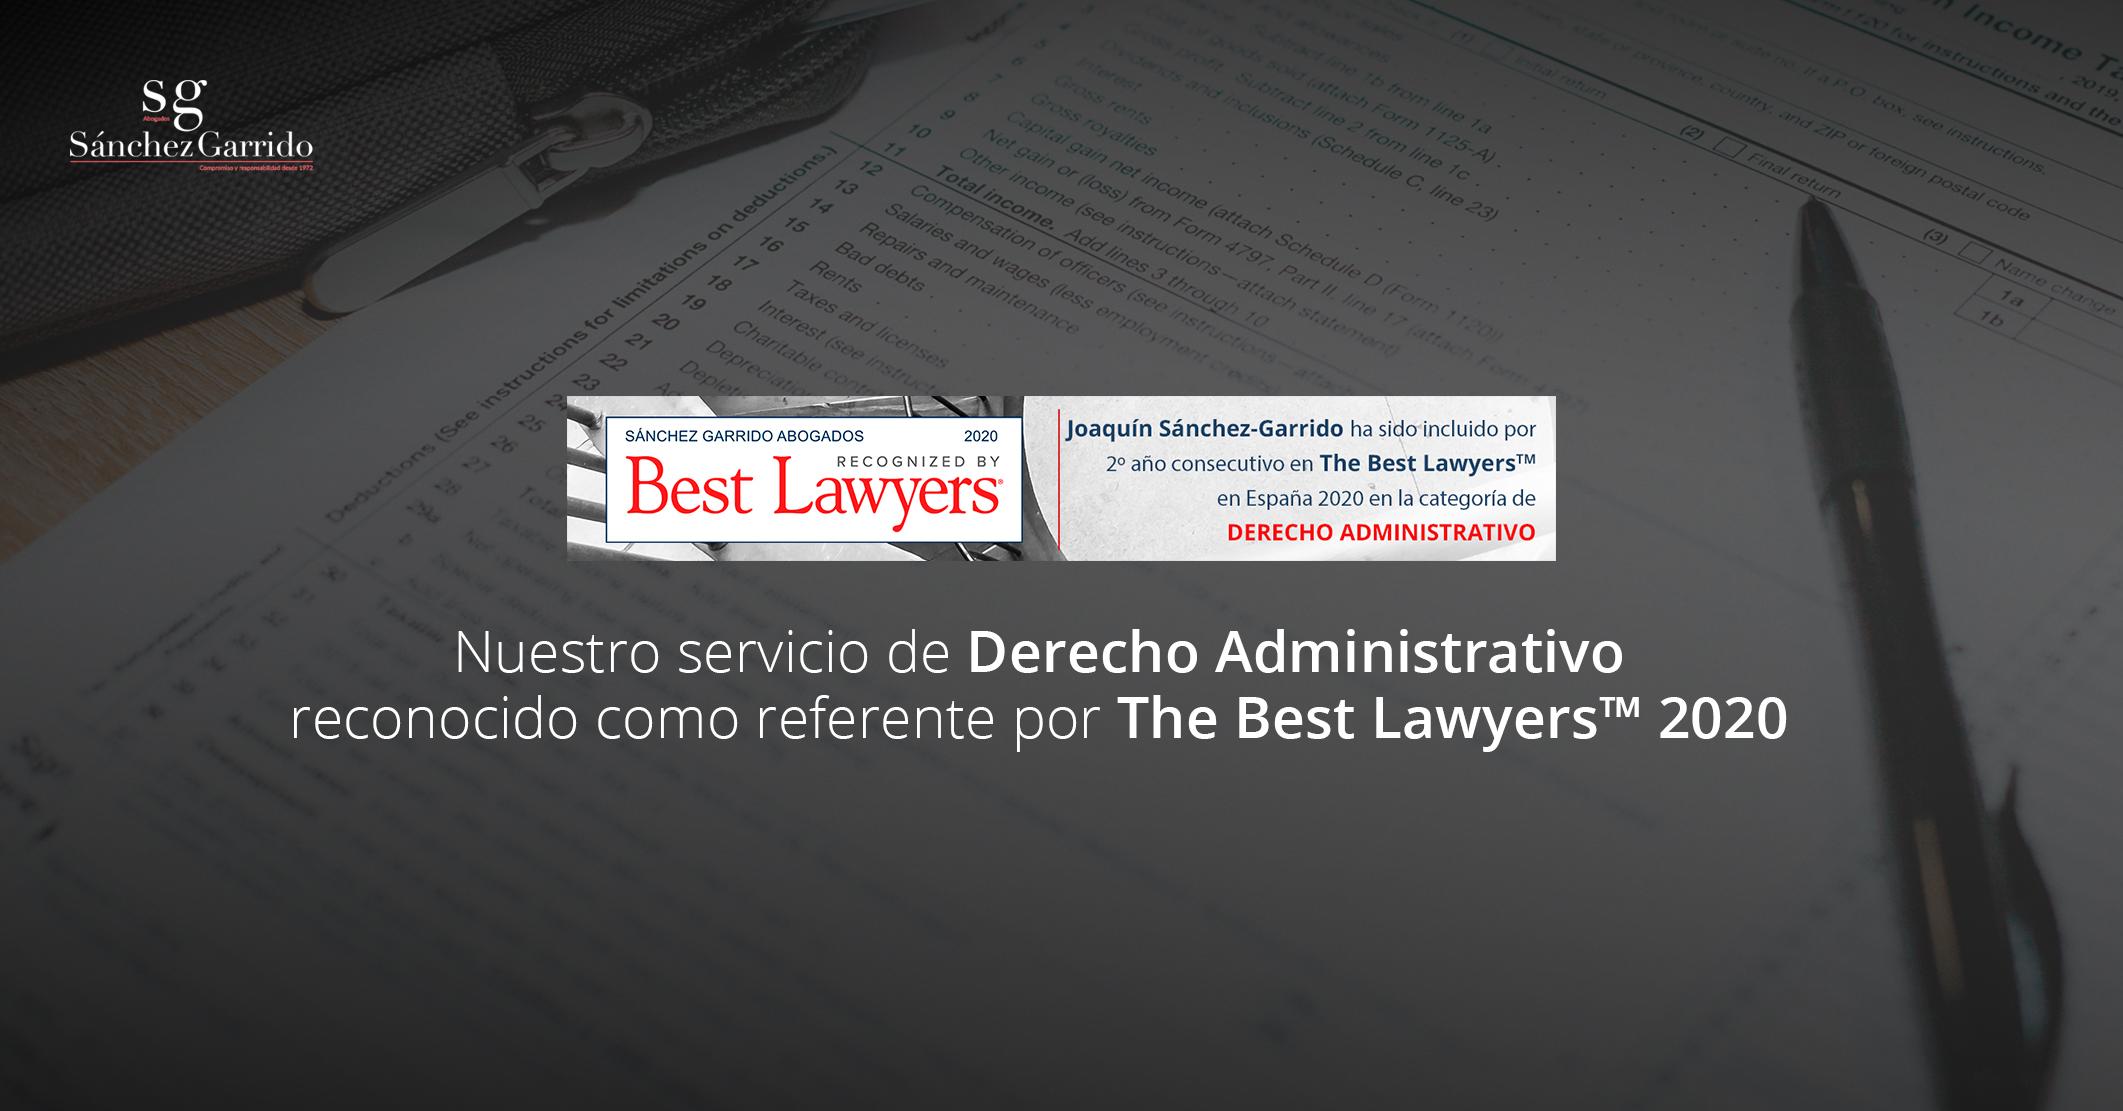 Nuestro servicio de Derecho Administrativo reconocido como referente por The Best Lawyers™